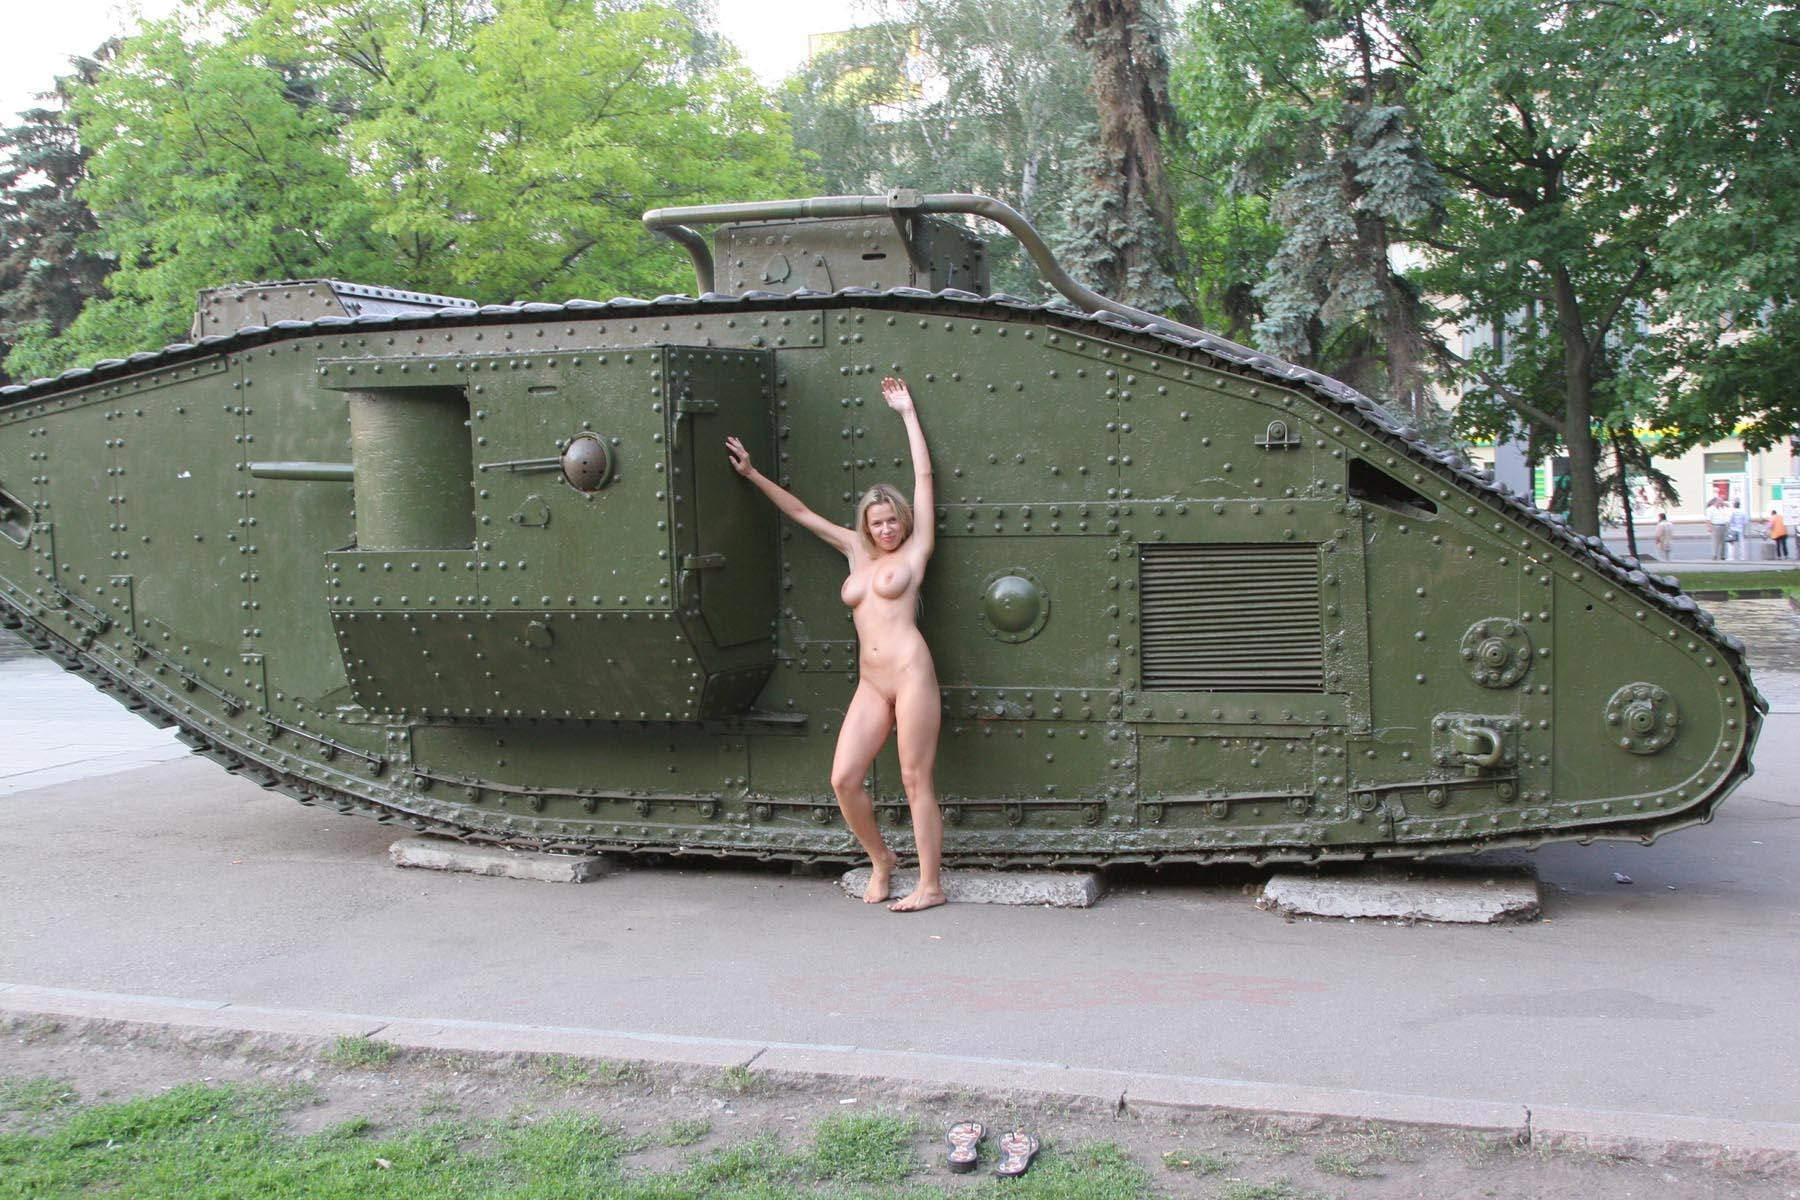 Фото голых девушек с танками 10 фотография